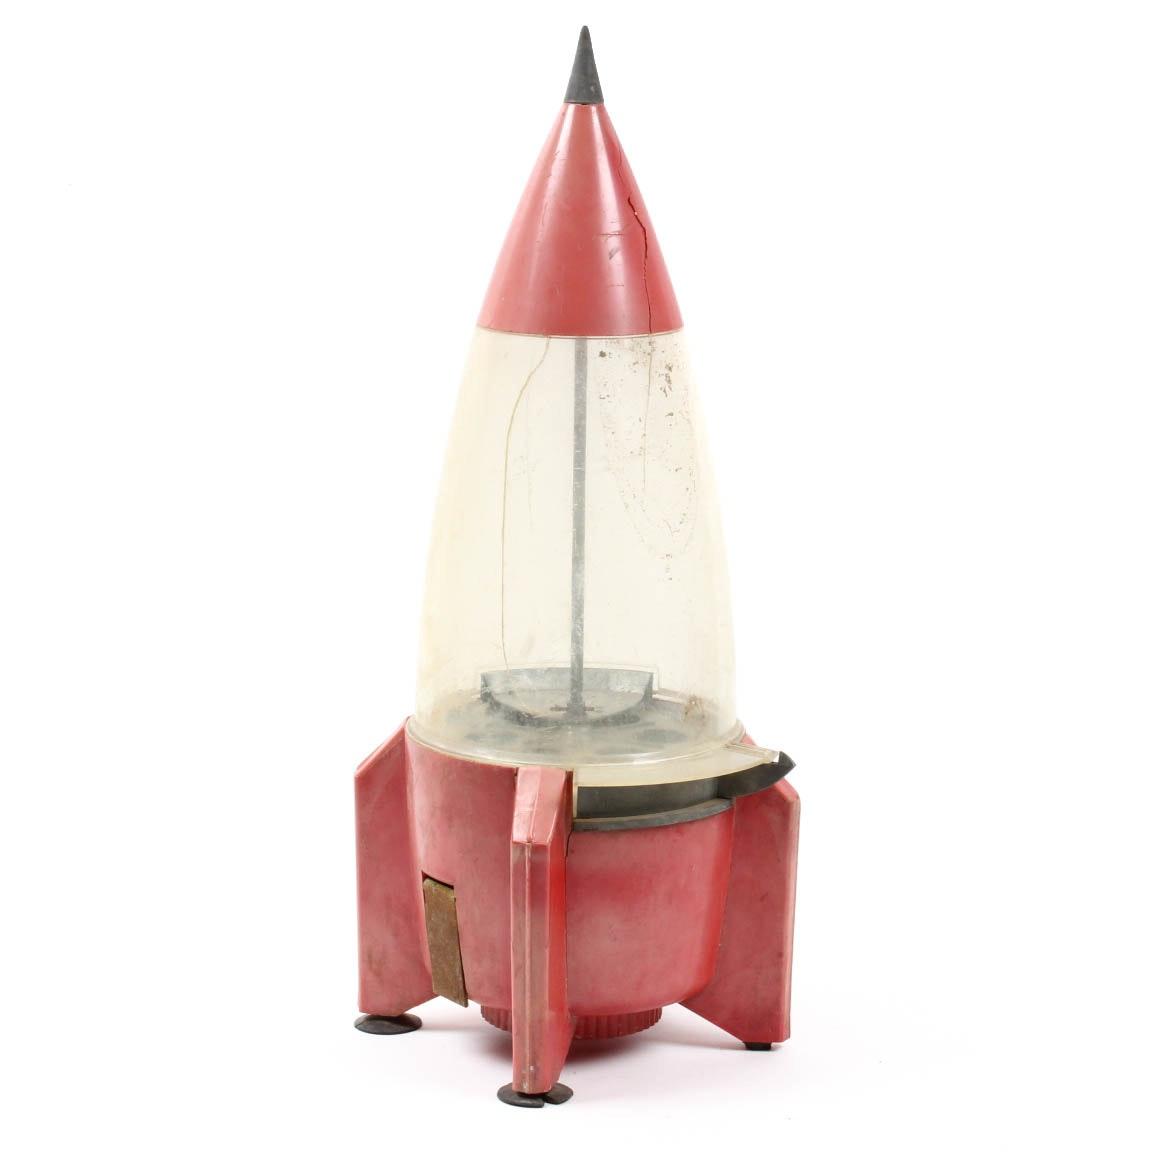 Vintage Rocket Ship Gumball Machine